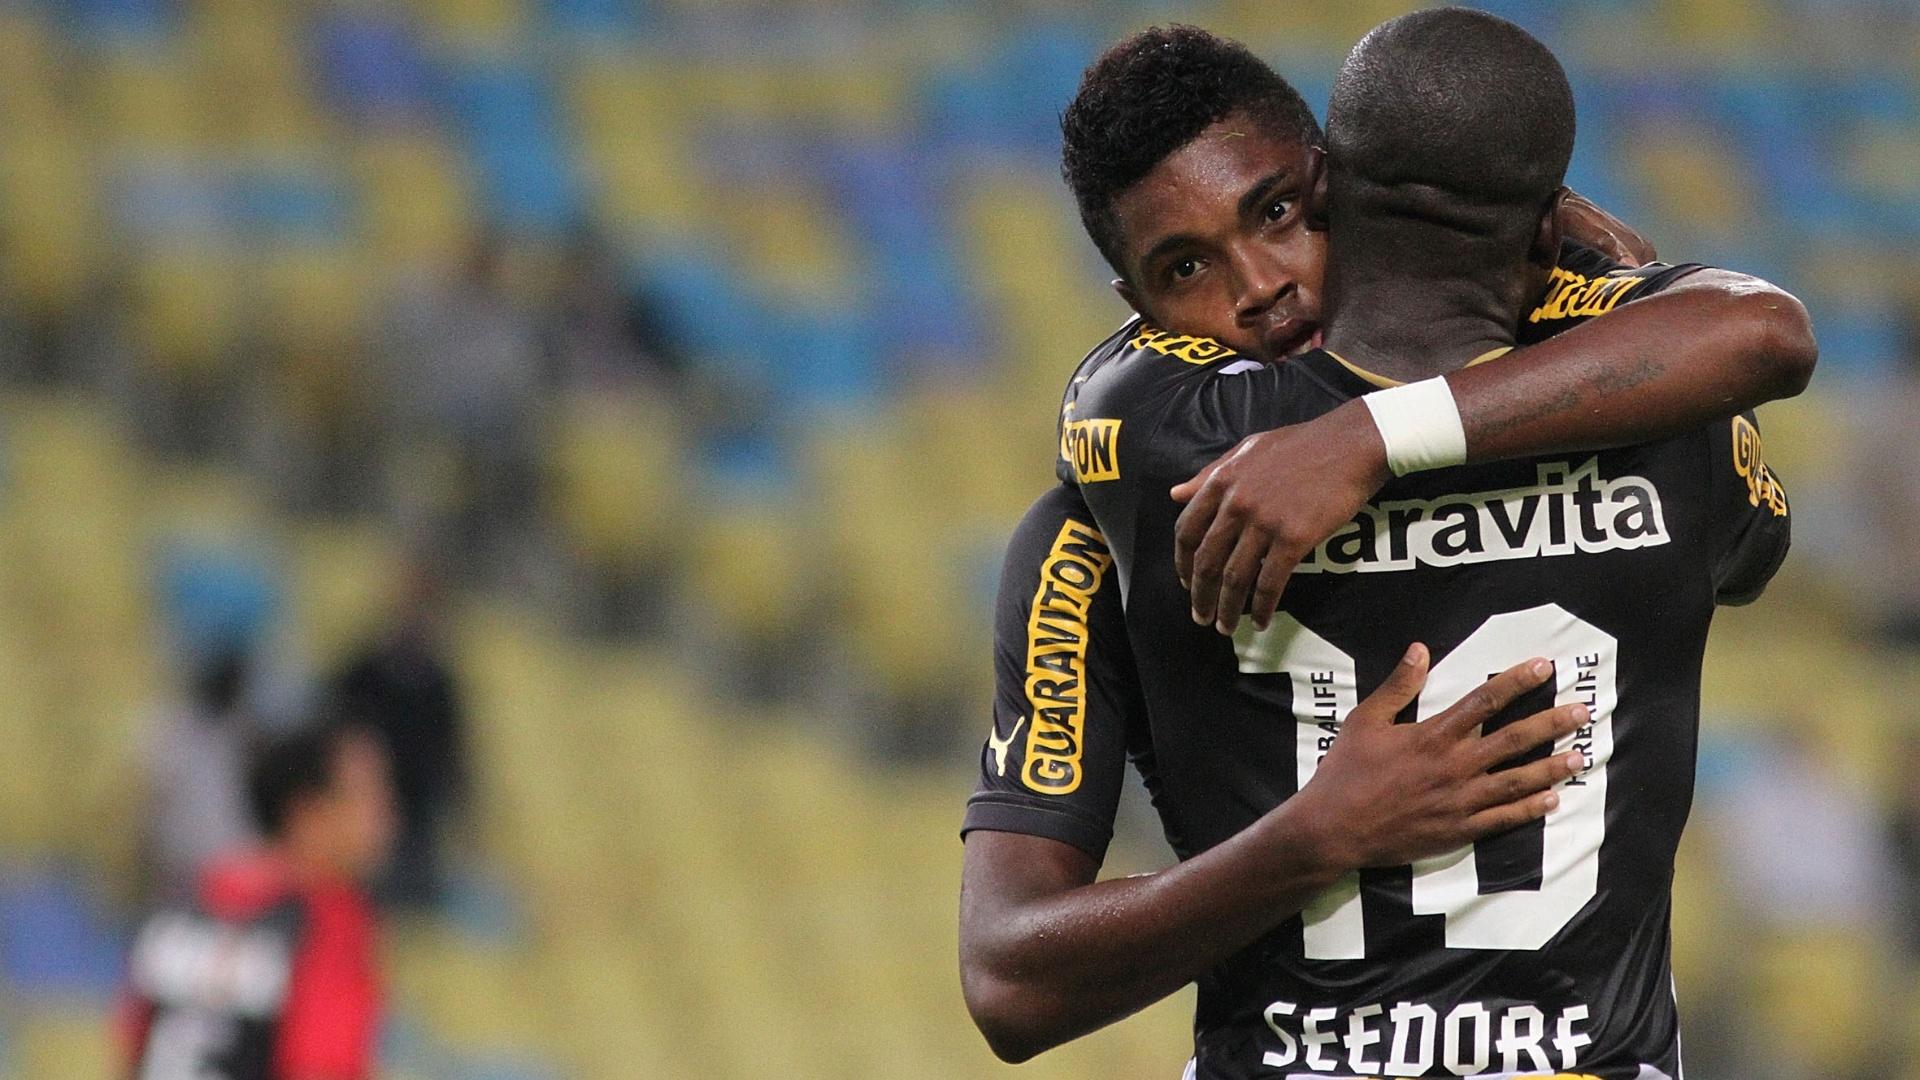 01.08.2013 - Vitinho e Seedorf se abraçam na comemoração do gol do Botafogo